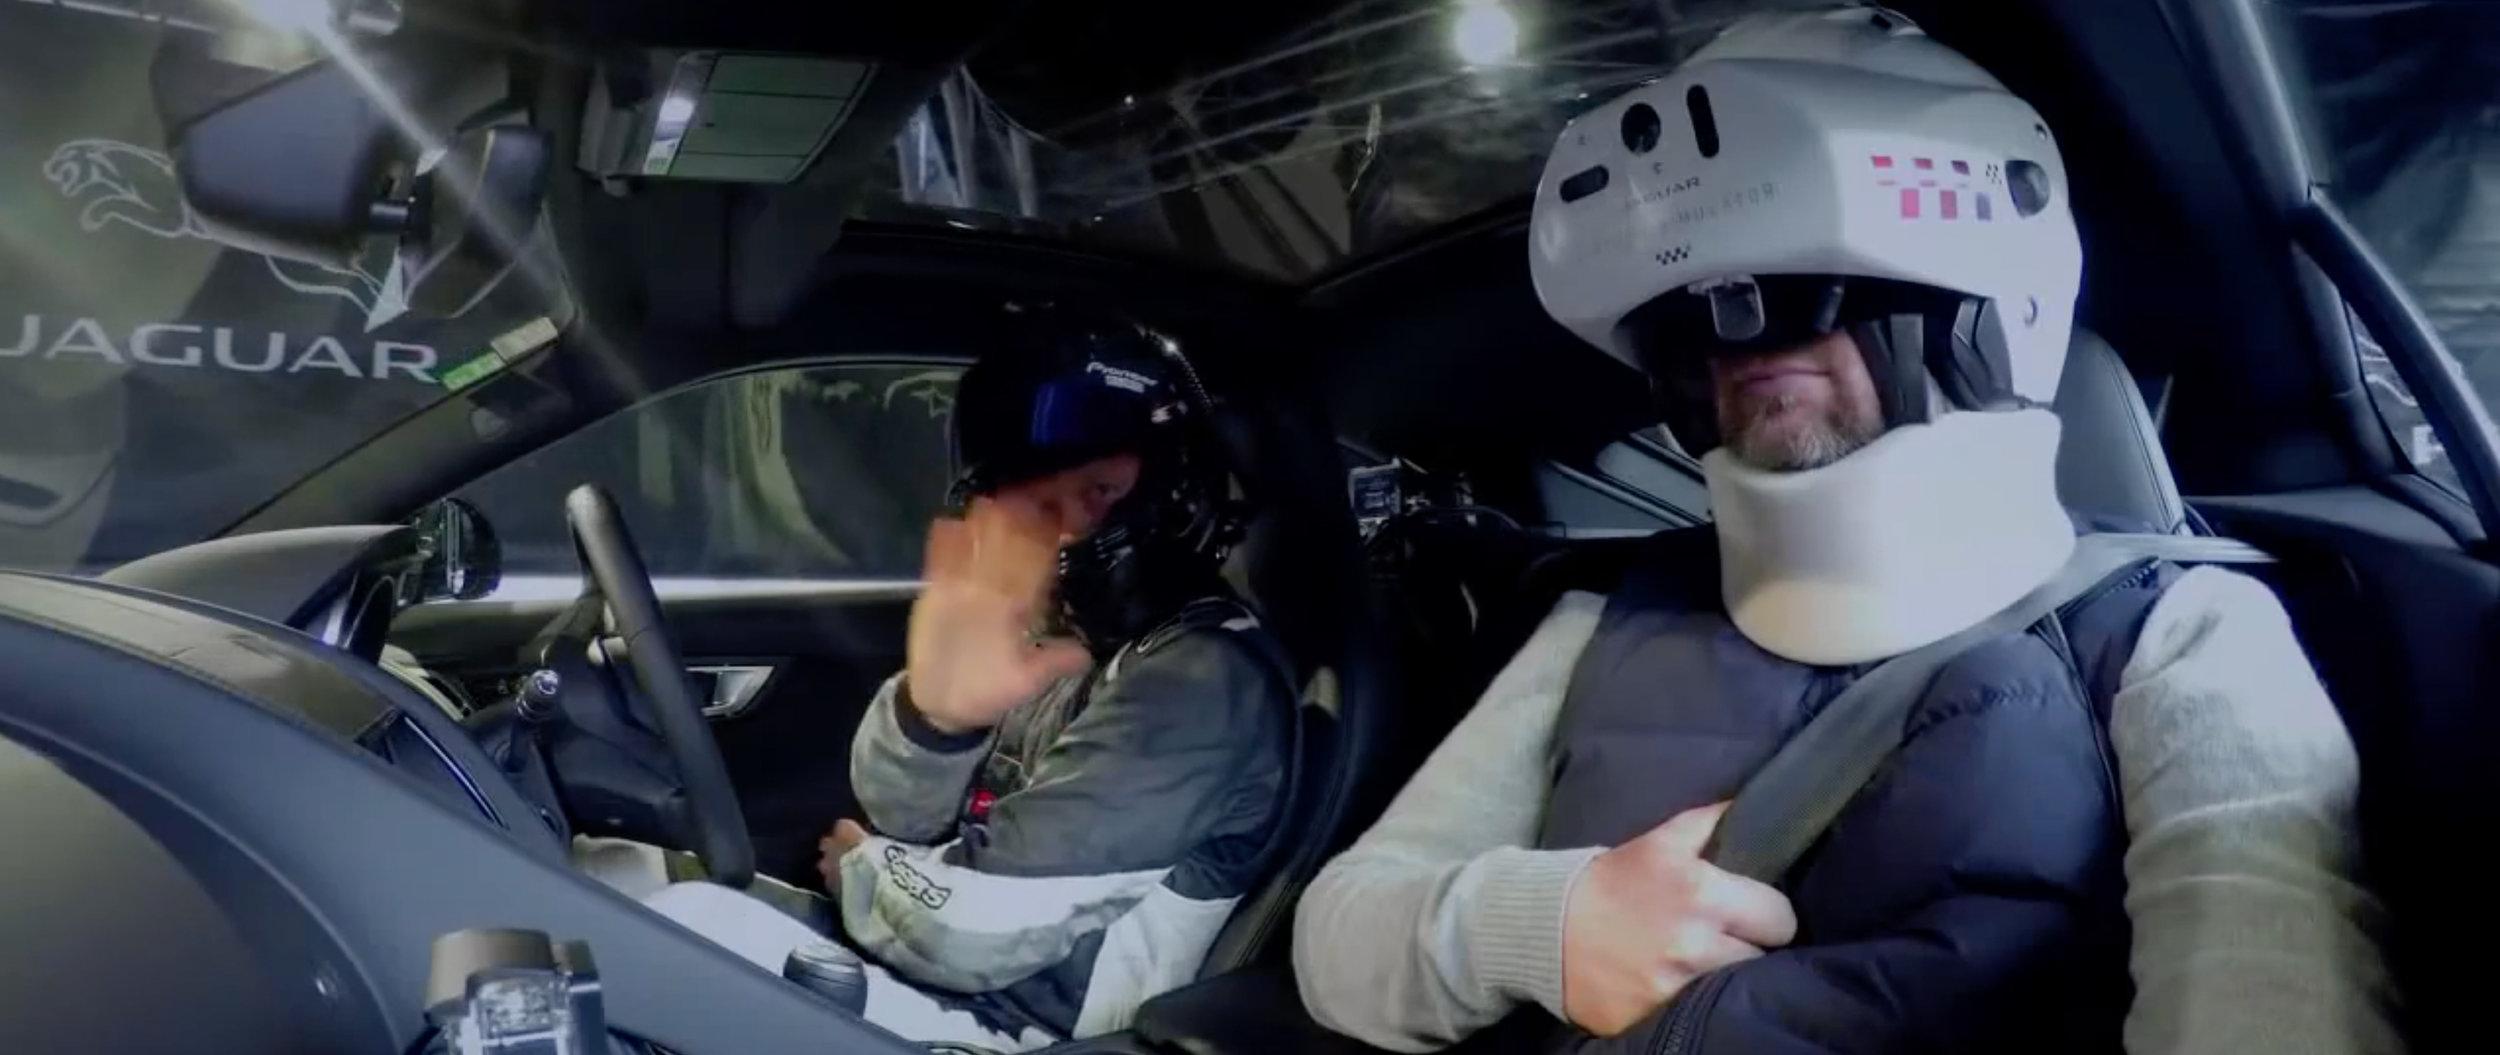 JAGUAR - REAL VR (DOP - DUNCAN COLE)